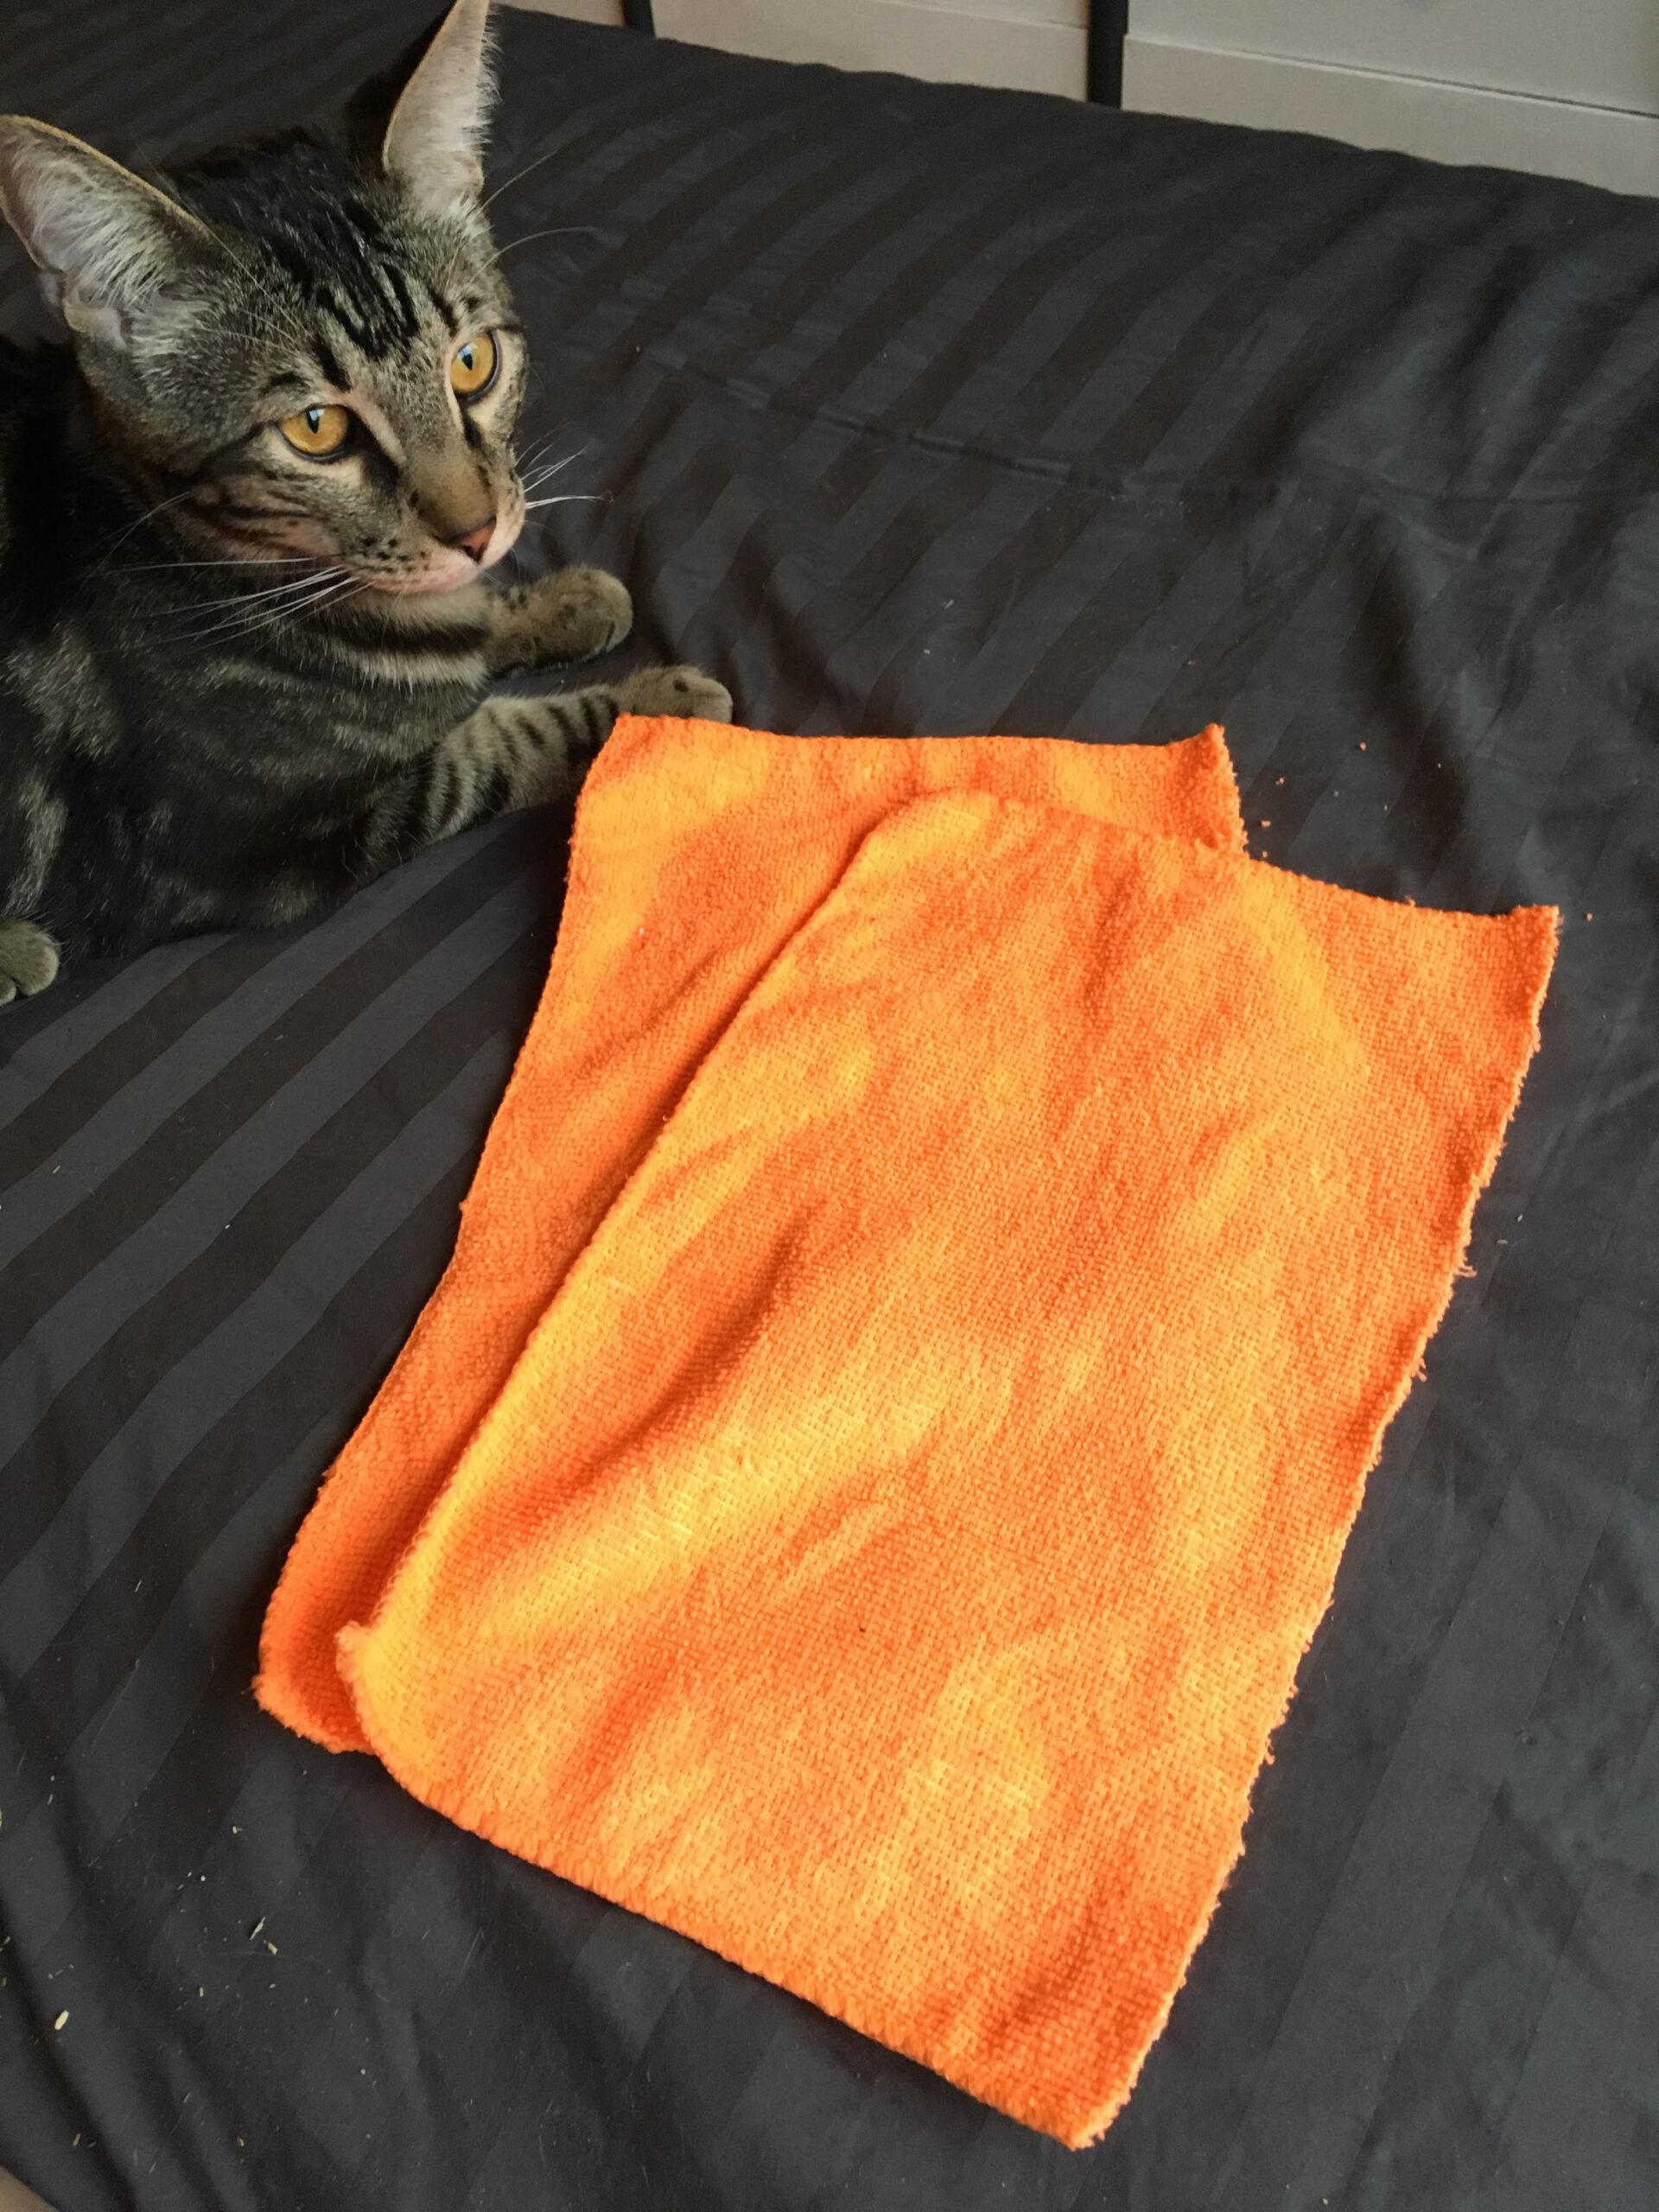 jouet pour chat faire soi m me en moins de 5 minutes diy. Black Bedroom Furniture Sets. Home Design Ideas